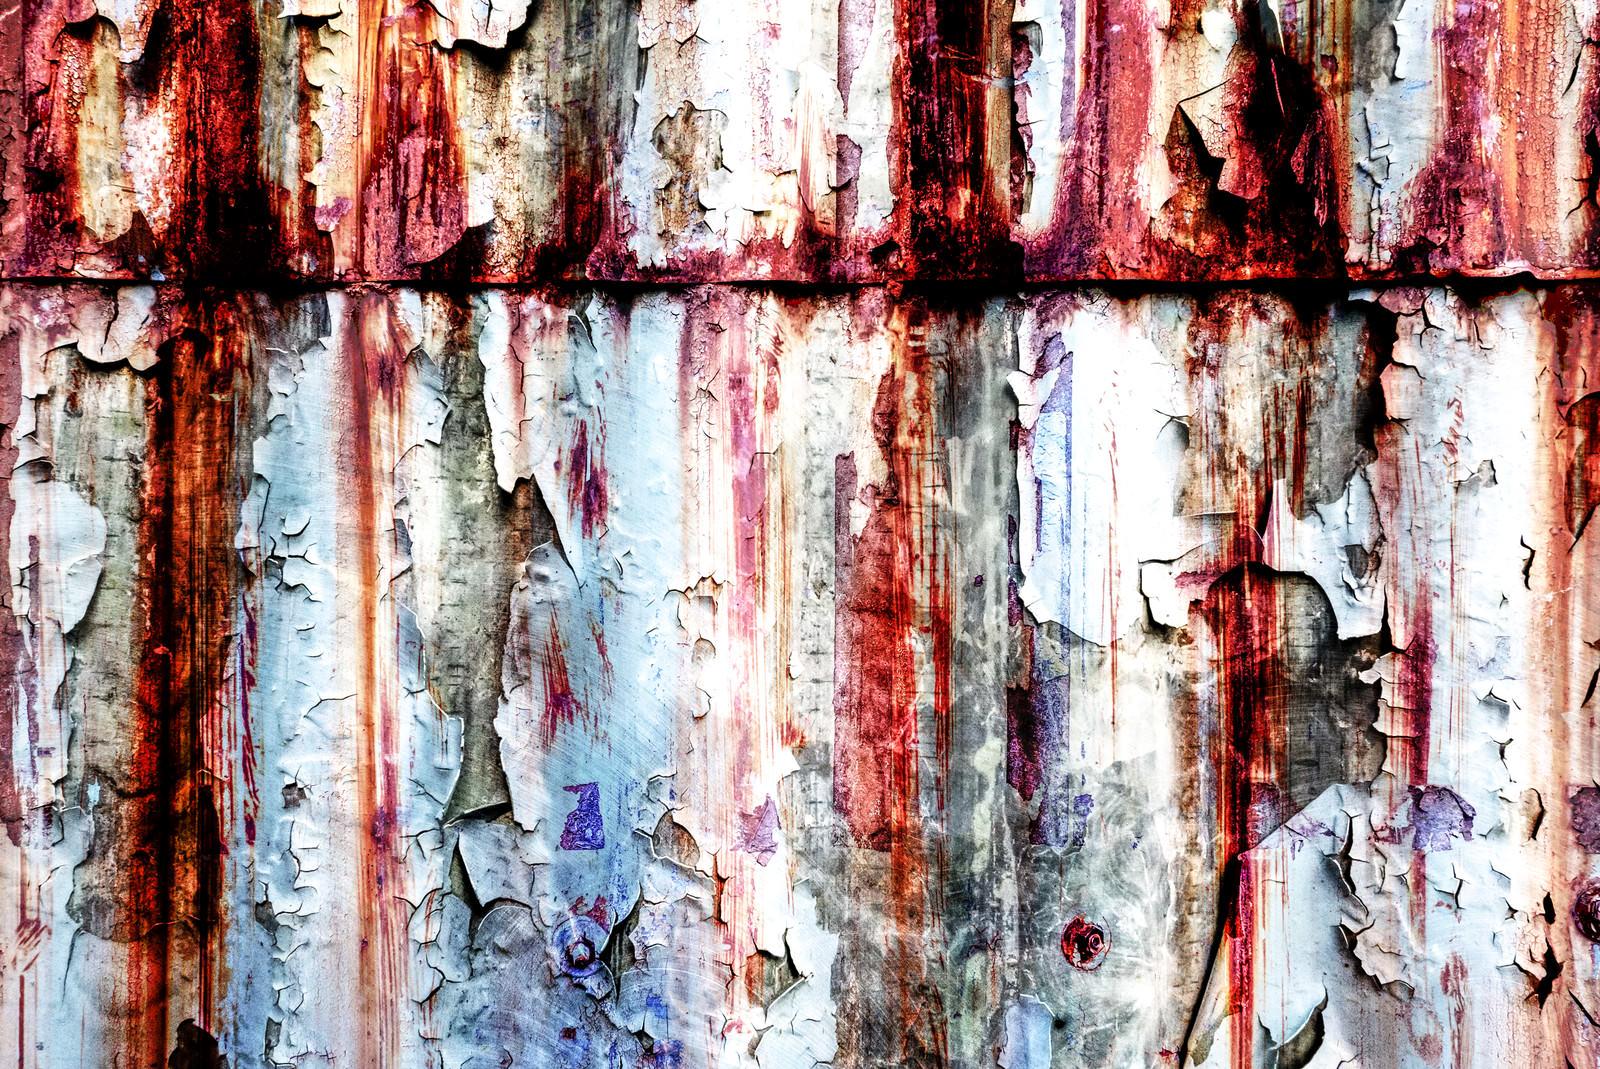 「裏世界の錆た壁(フォトモンタージュ)」の写真